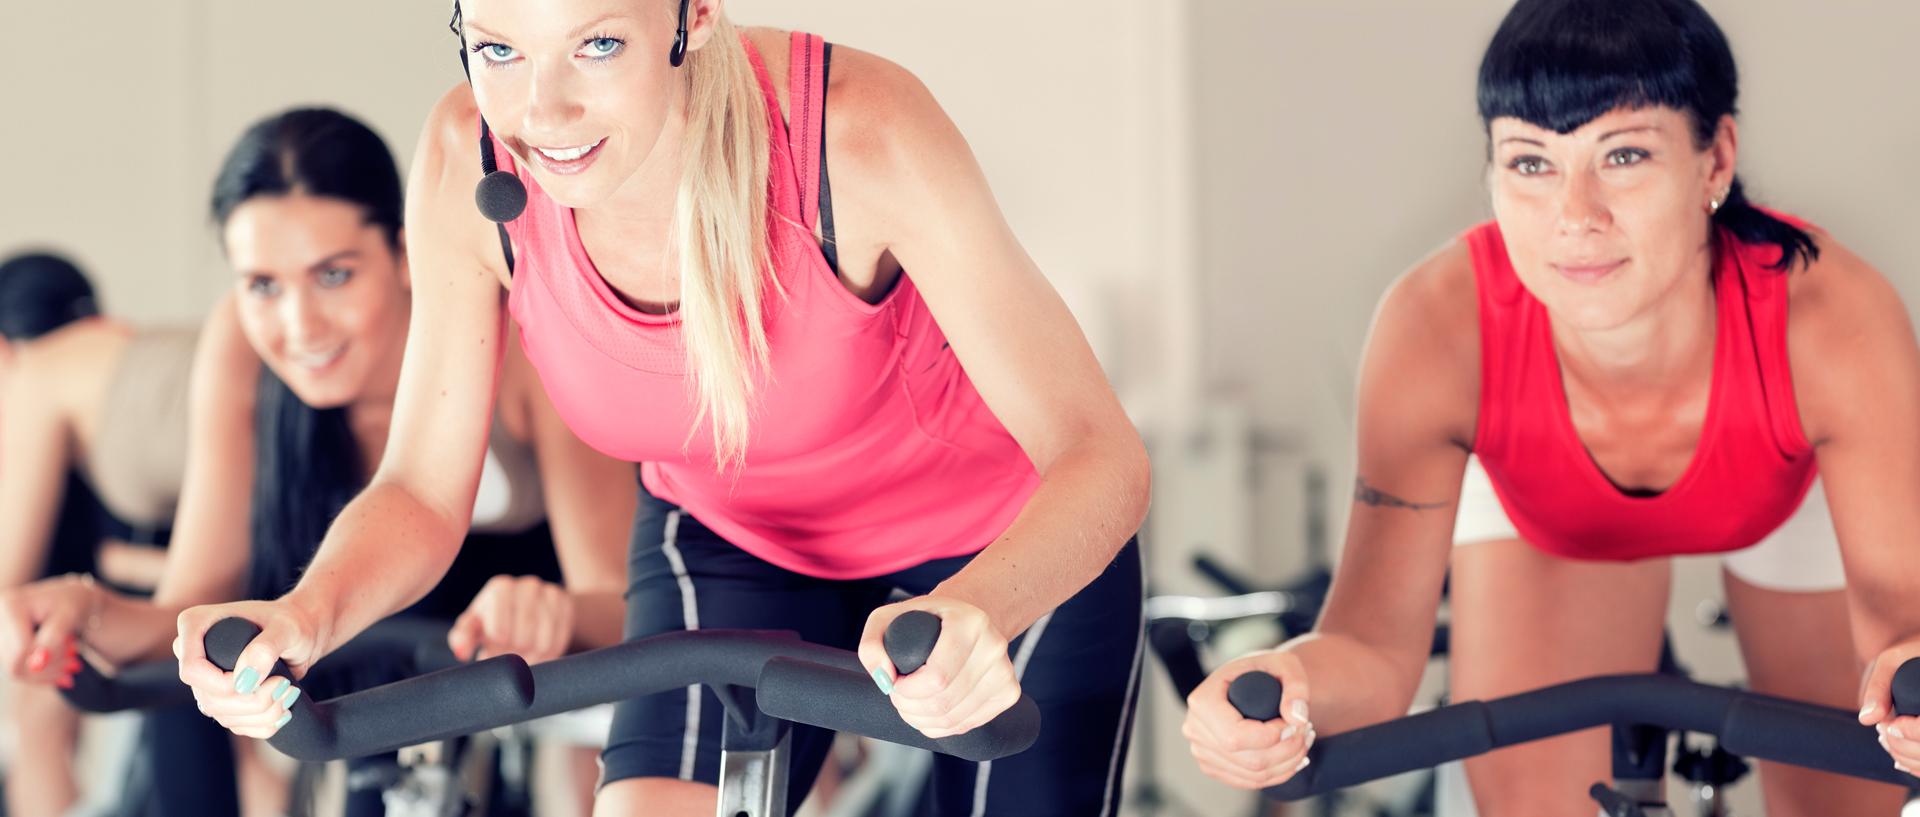 8 Ways to Save on a Gym Membership